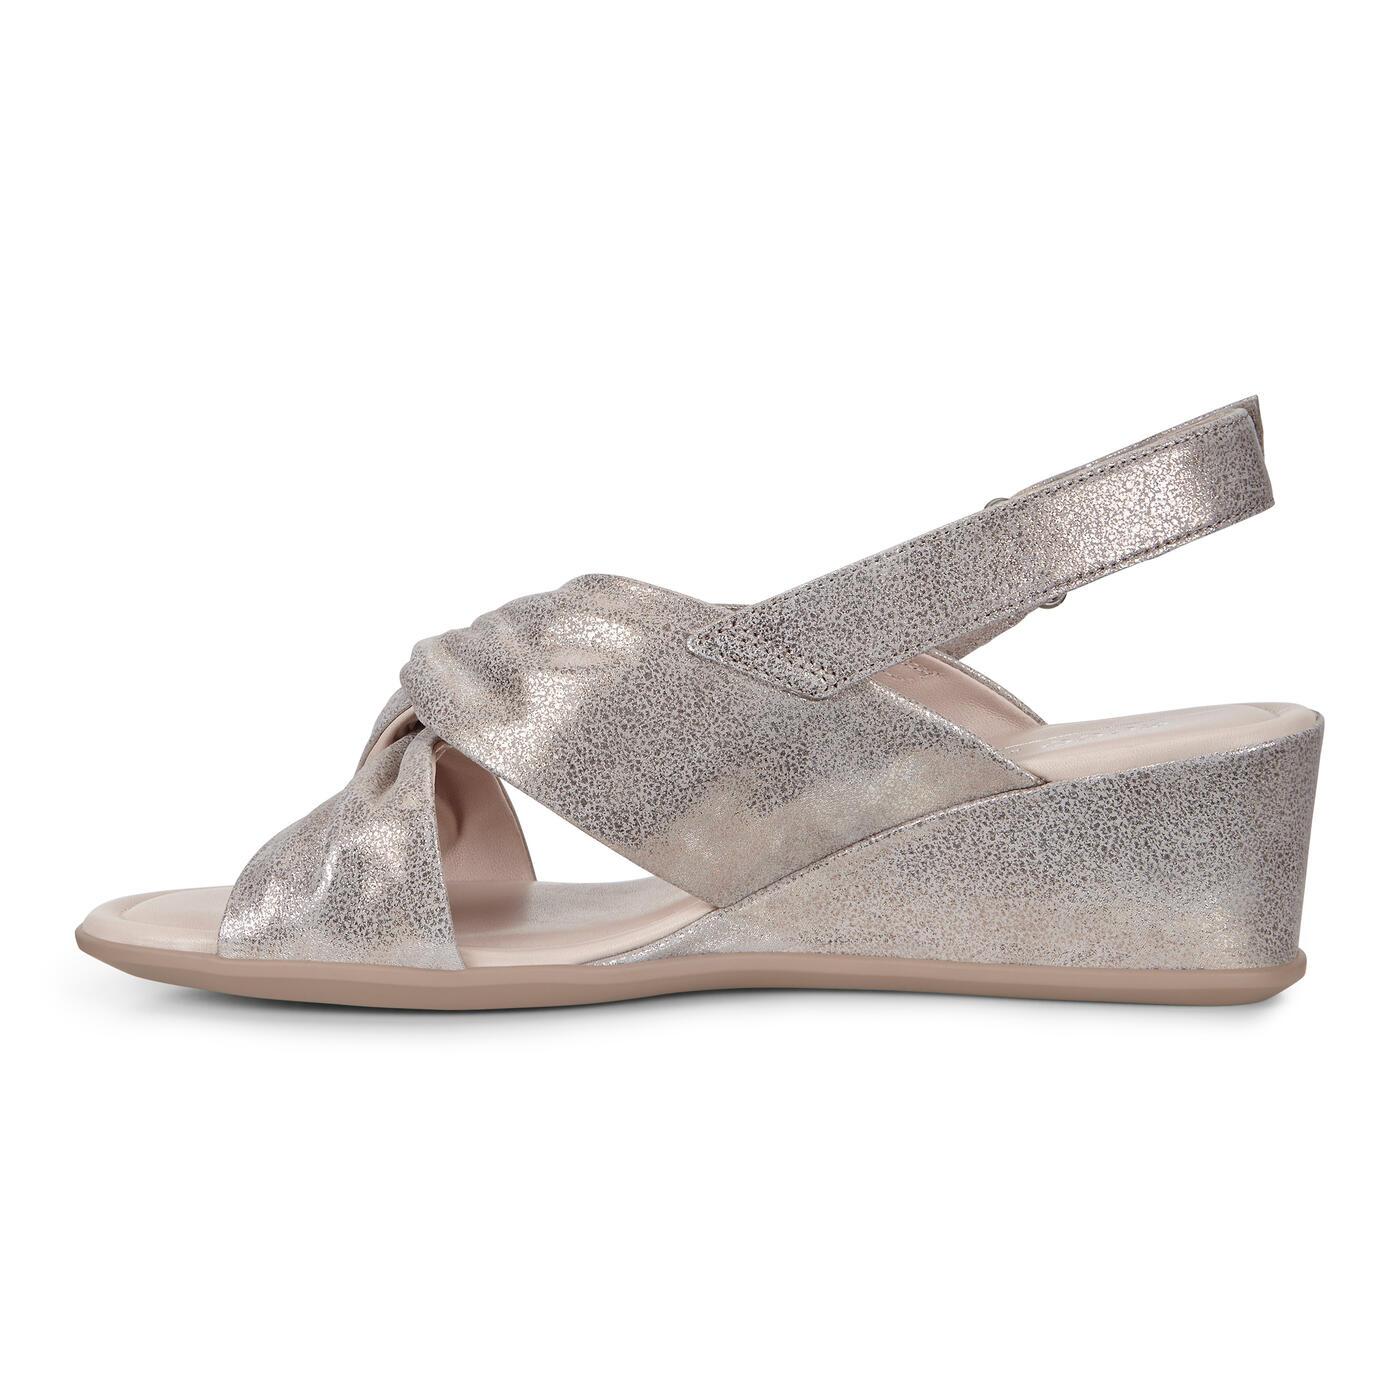 ECCO Shape 35 Wedge Sandal